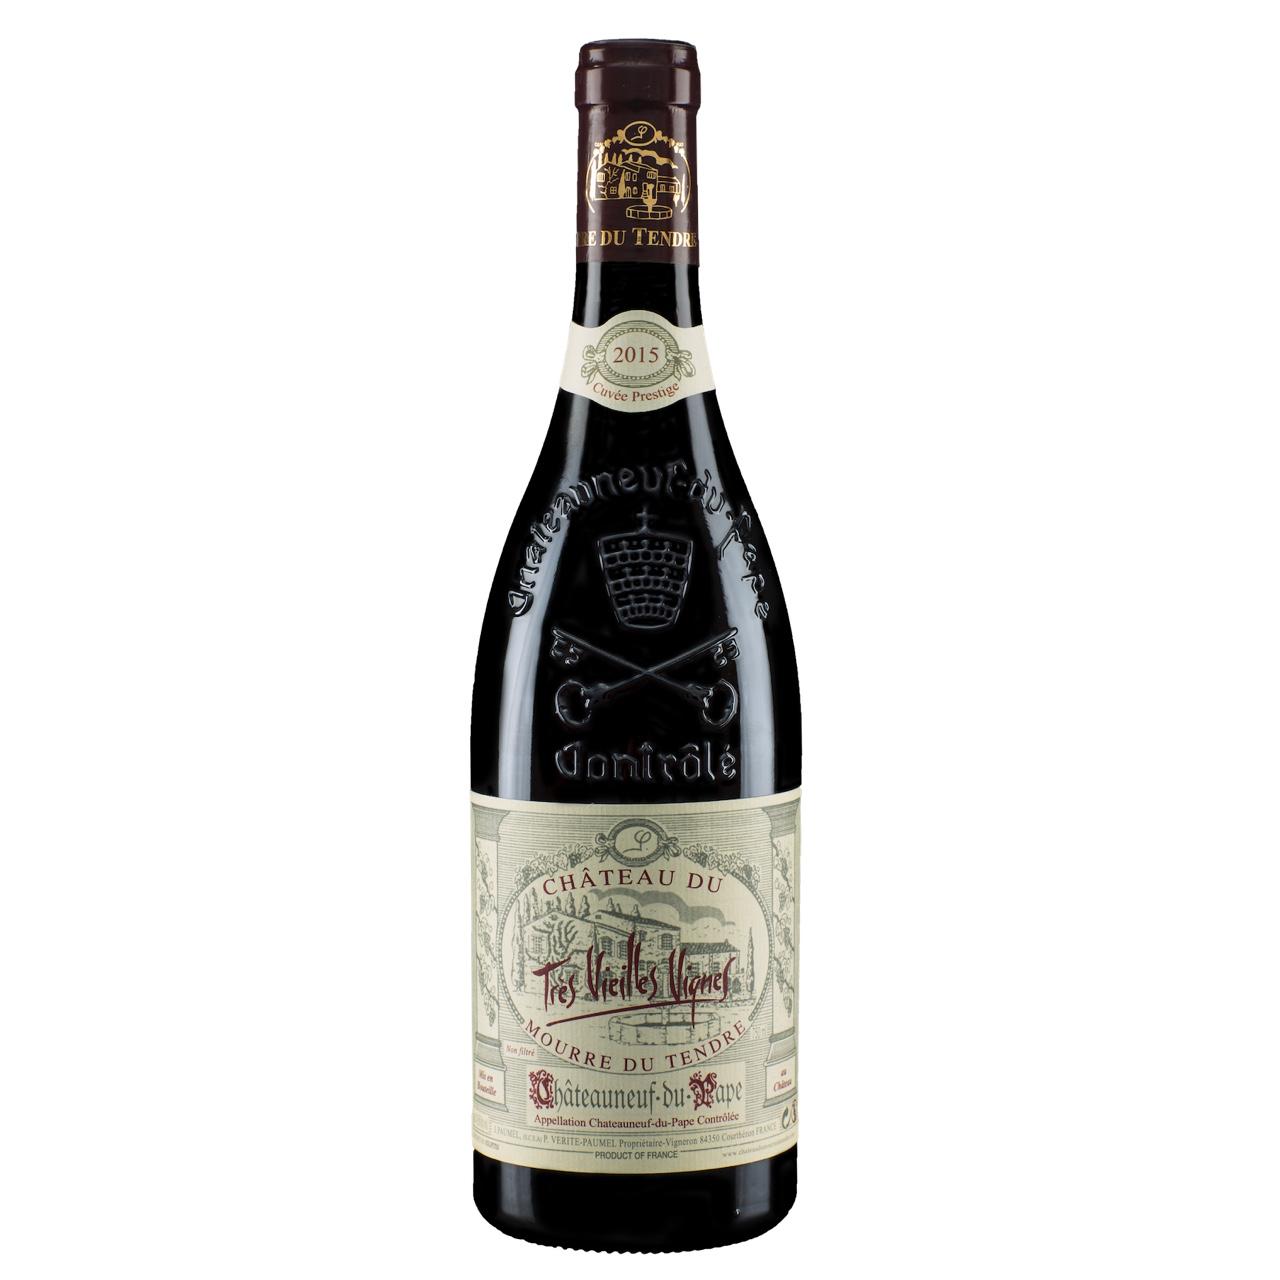 Chateau-du-Mourre-du-Tendre-Chateauneuf-du-Pape-Cuvee-Prestige-TresVieillesVignes-2015-wijnvanons